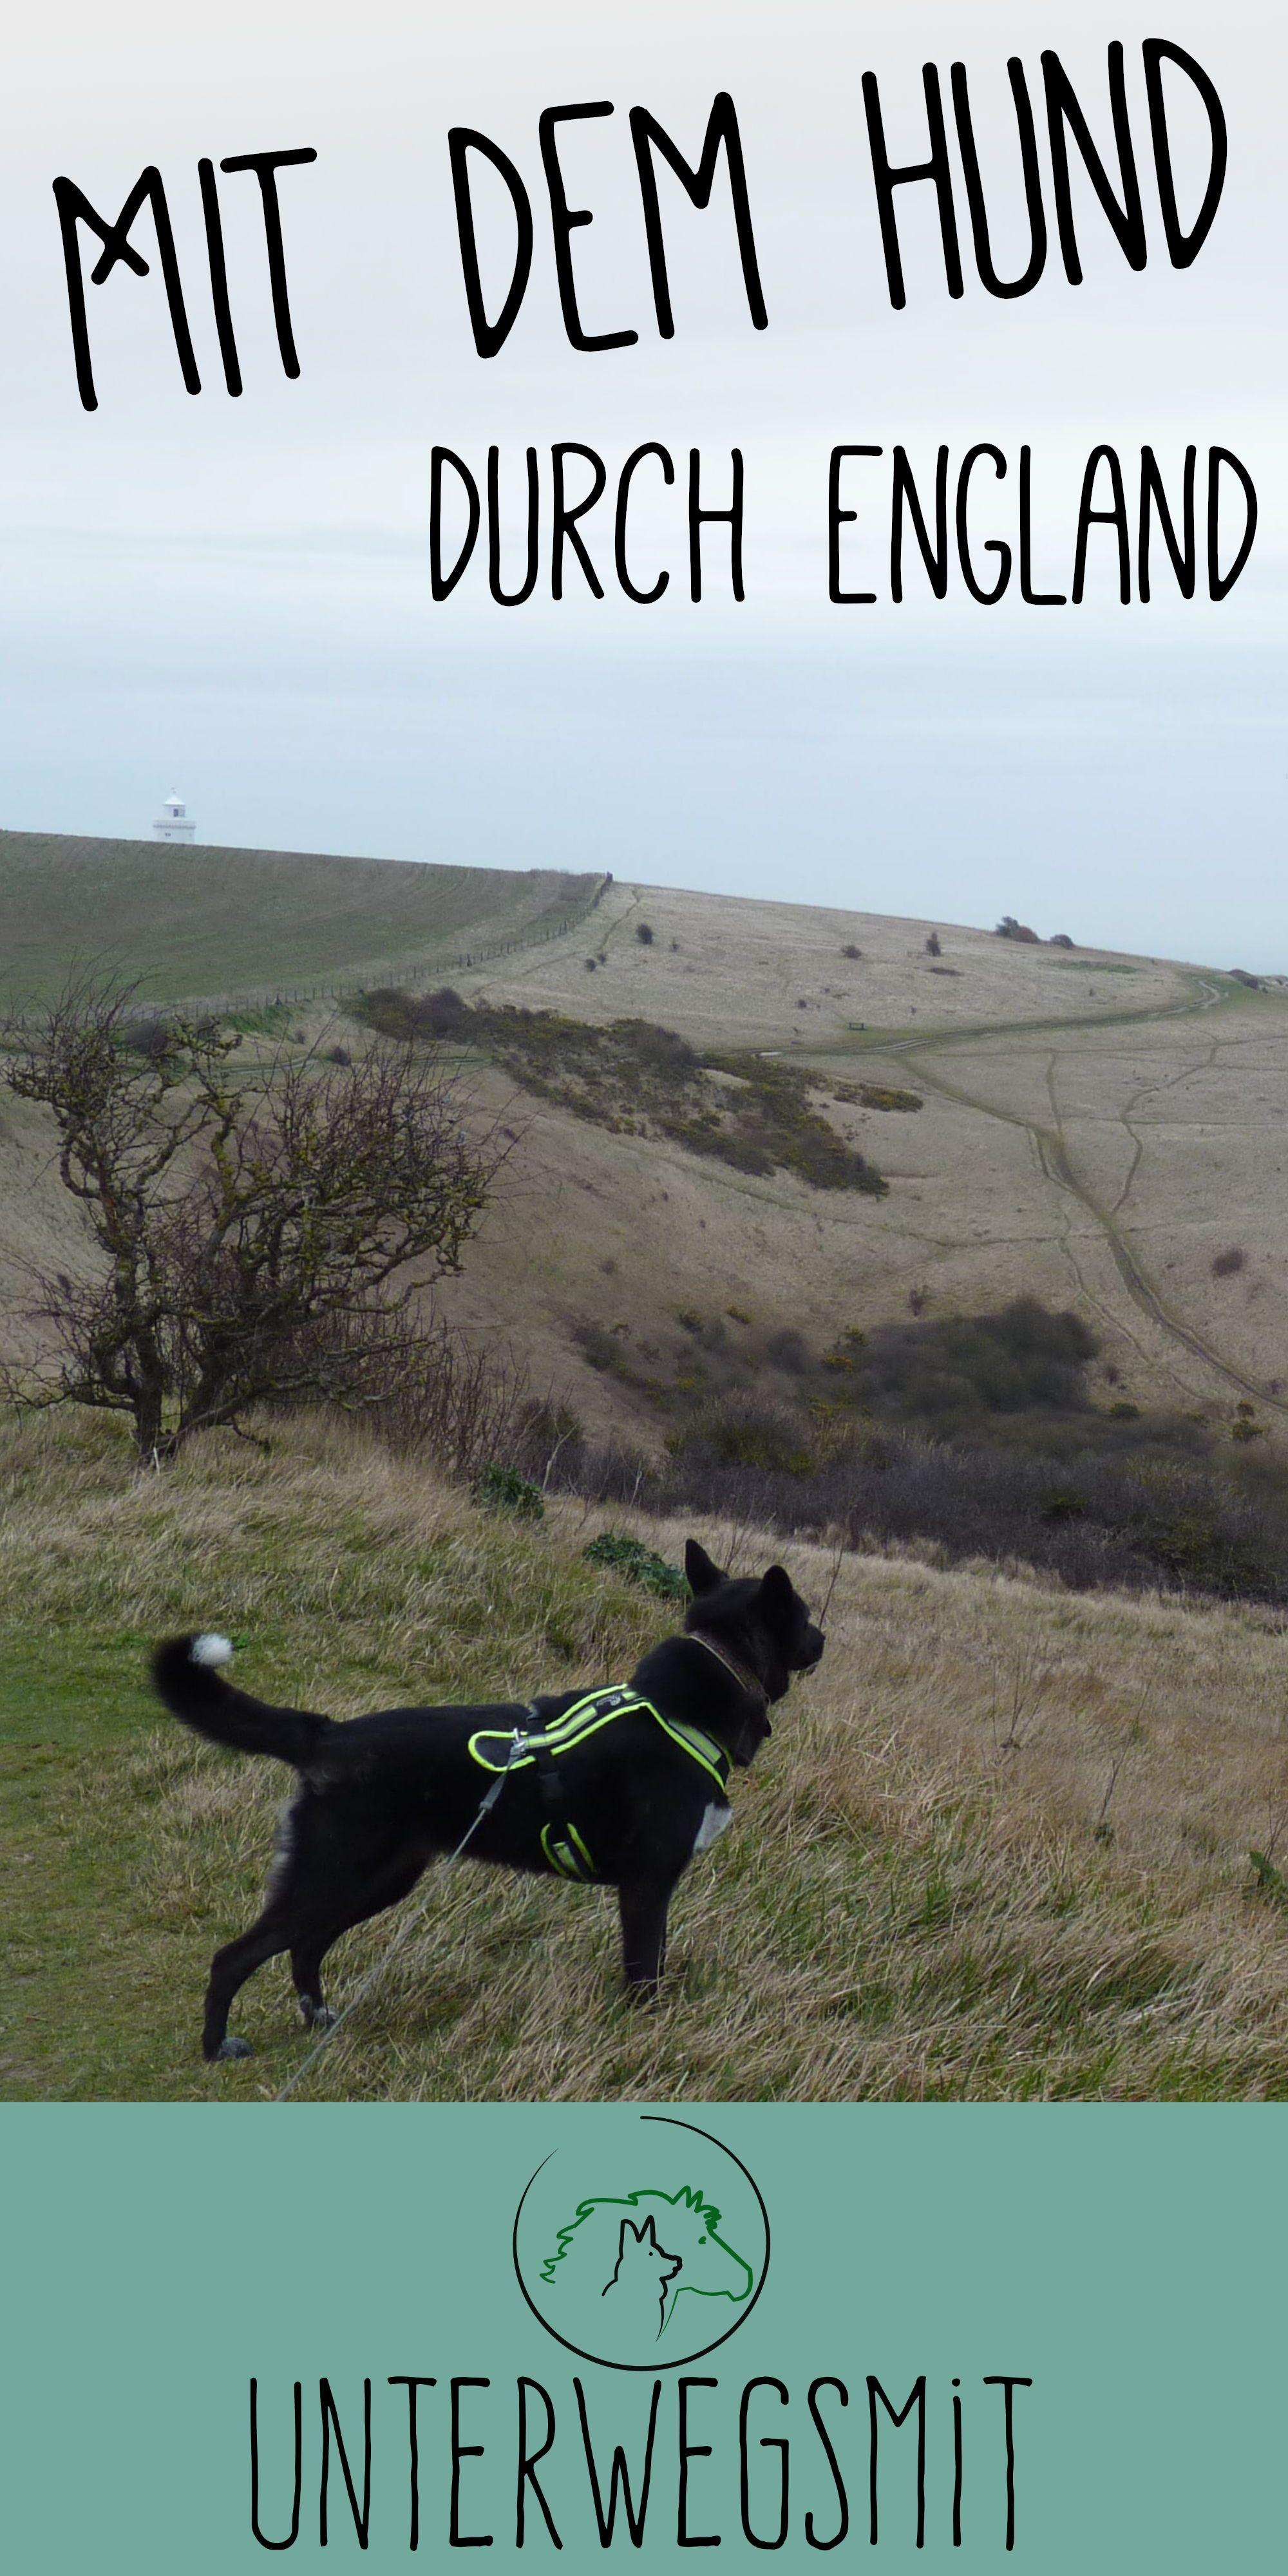 Unterwegs Mit Dem Hund Durch England Hunde Urlaub Mit Hund Hund Reisen